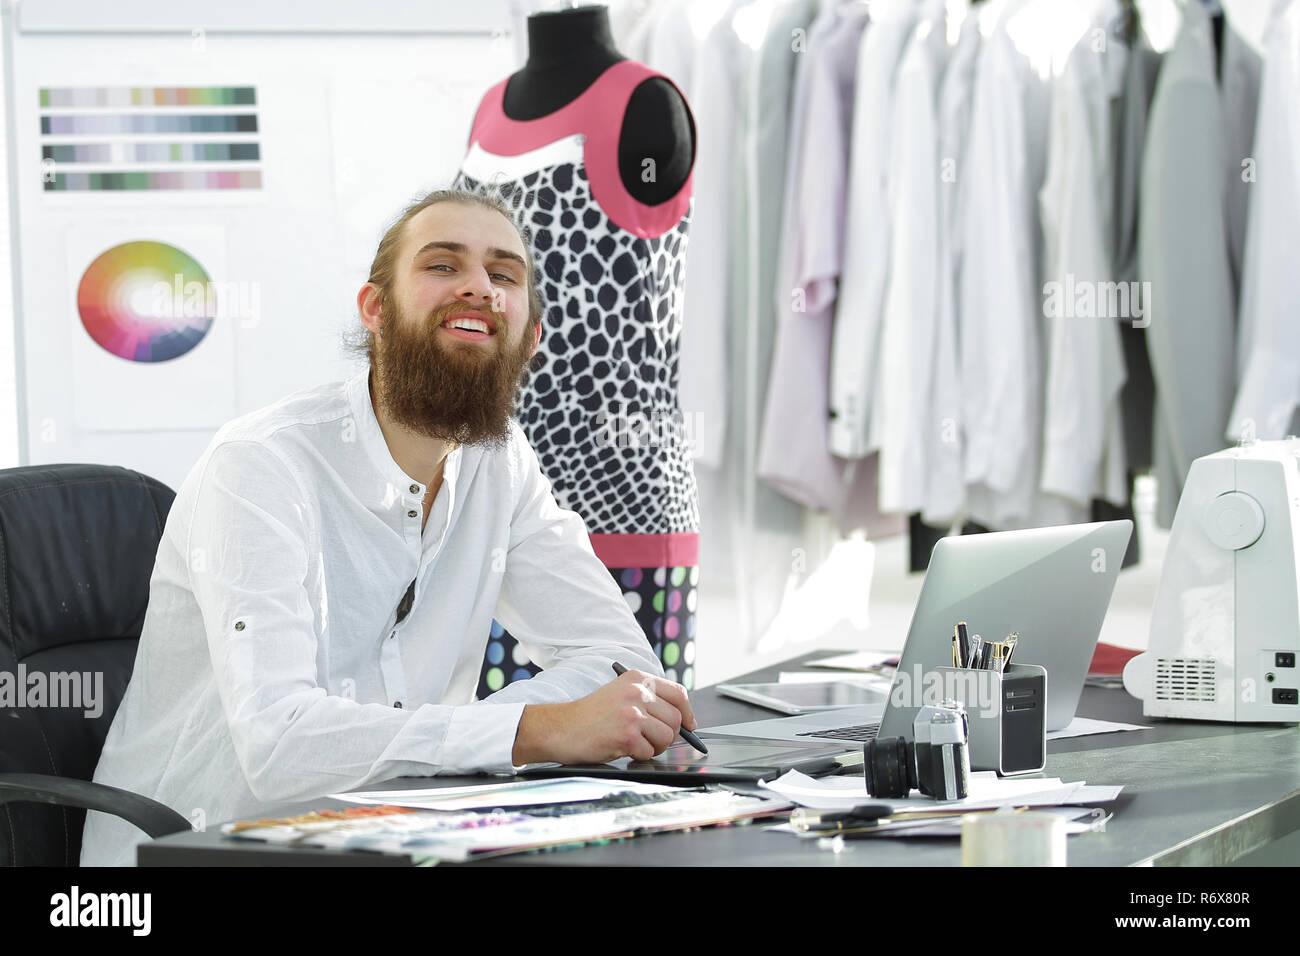 Fashion Designer verwendet ein Grafiktablett Skizzen von Kleidung zu erstellen Stockbild